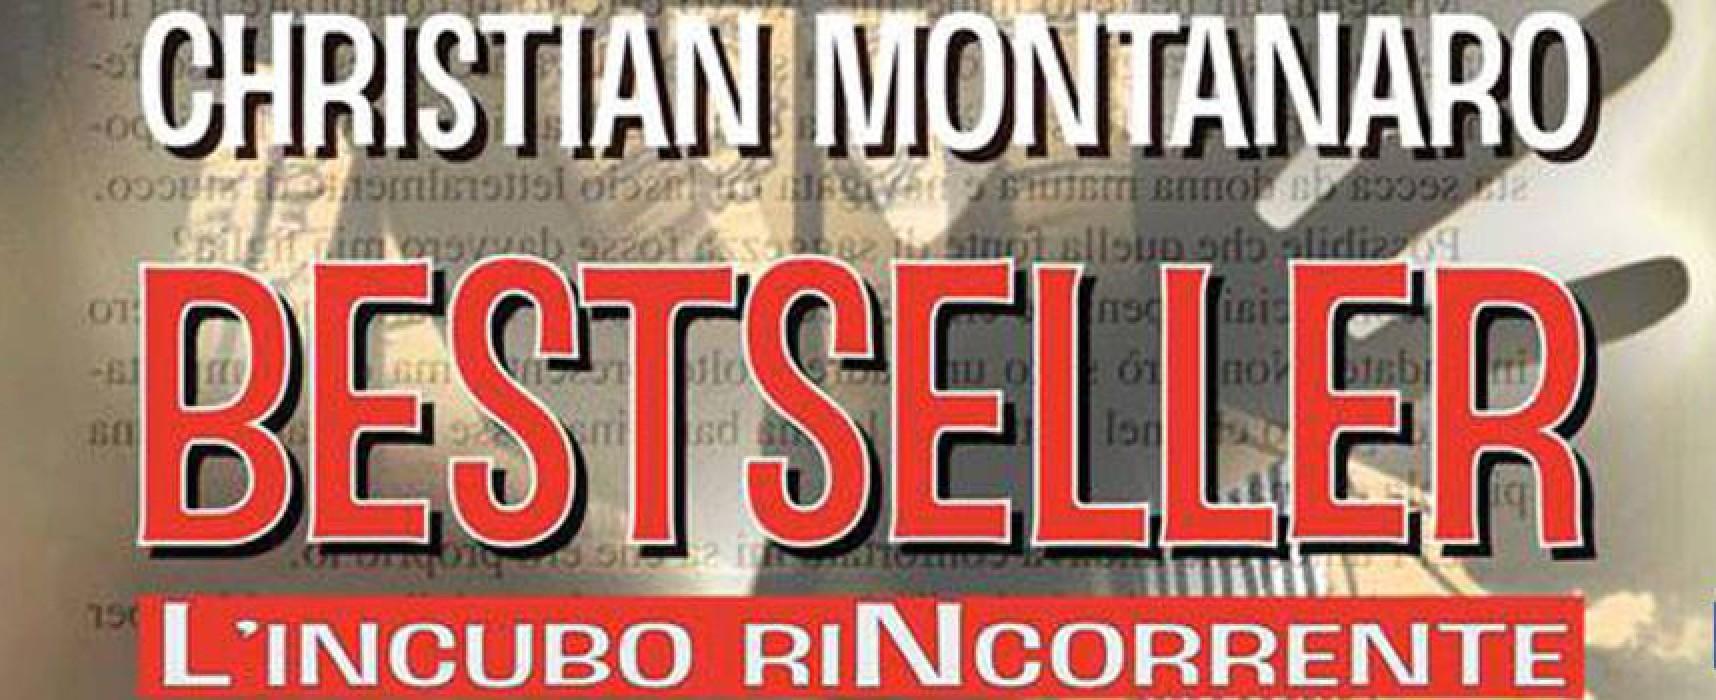 """""""Serate d'Autore"""", la Libreria Marconi ospita Christian Montanaro e il suo """"Bestseller"""""""